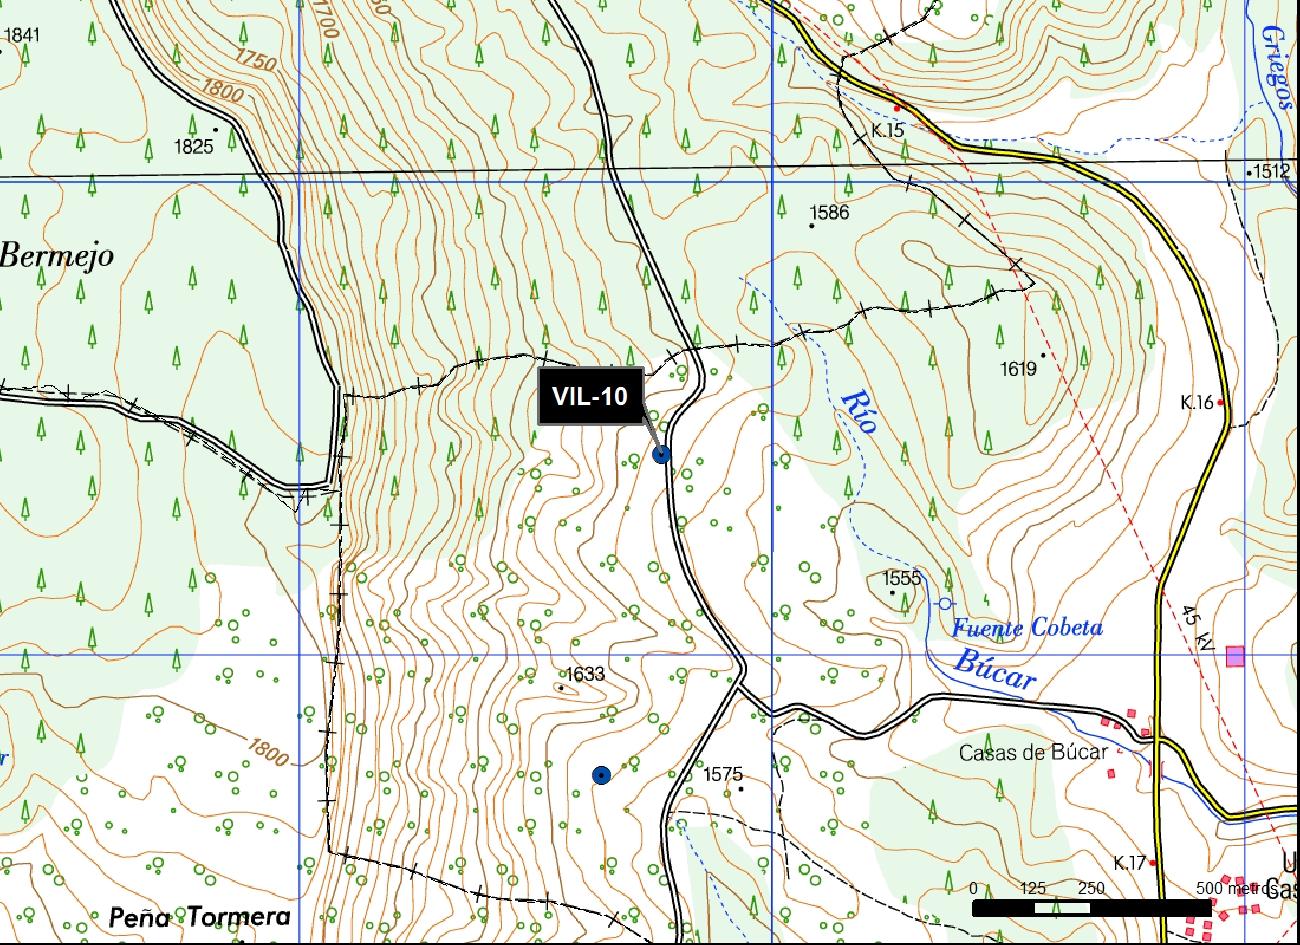 VIL_10_M.V.LOZANO_DEHESA_MAP.TOPO 2